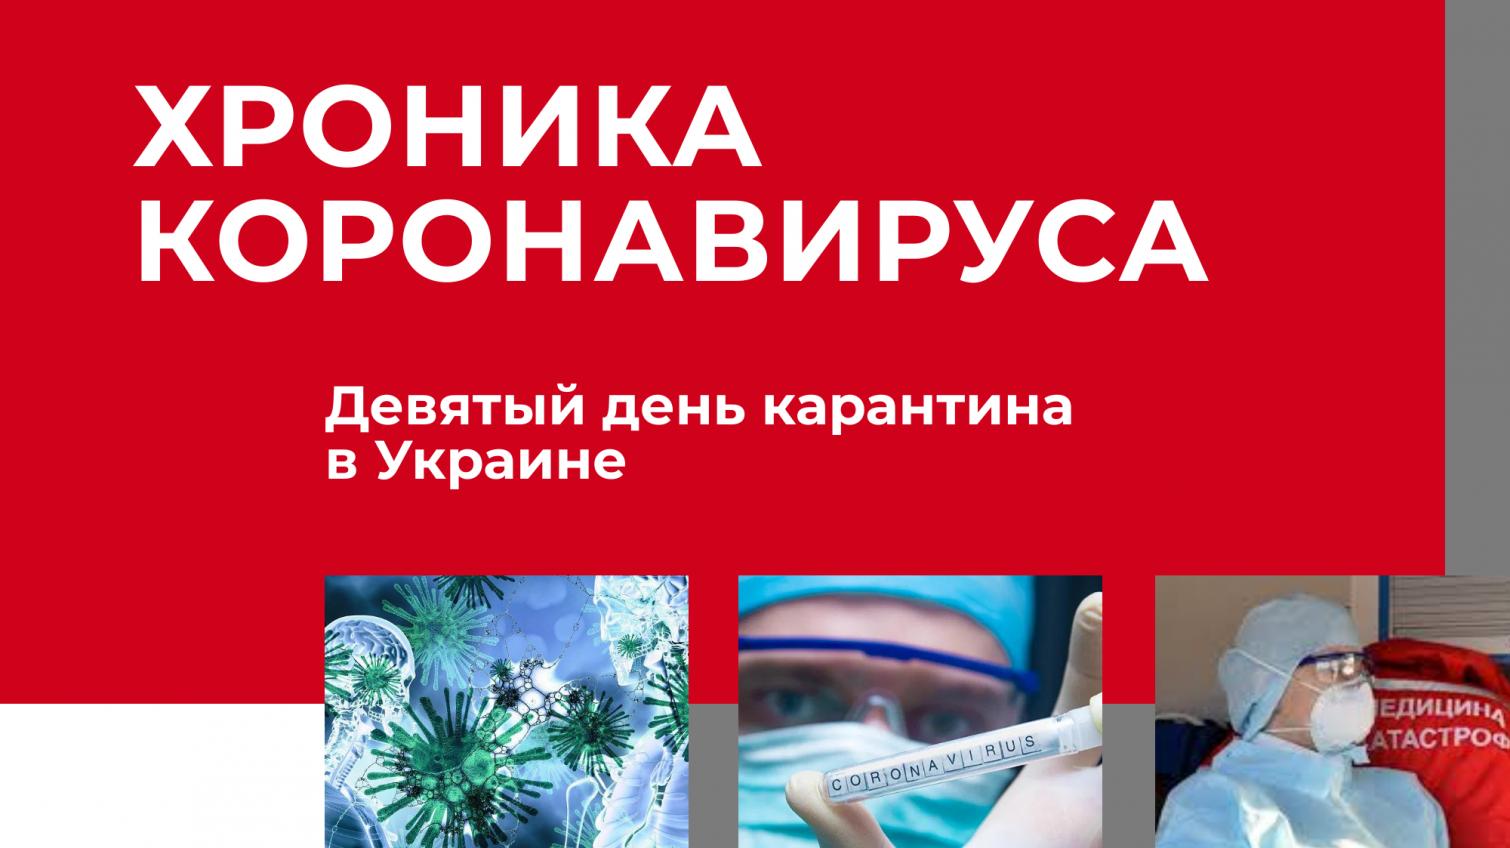 Хроника коронавируса: девятый день карантина в Украине, события в мире ОБНОВЛЯЕТСЯ «фото»